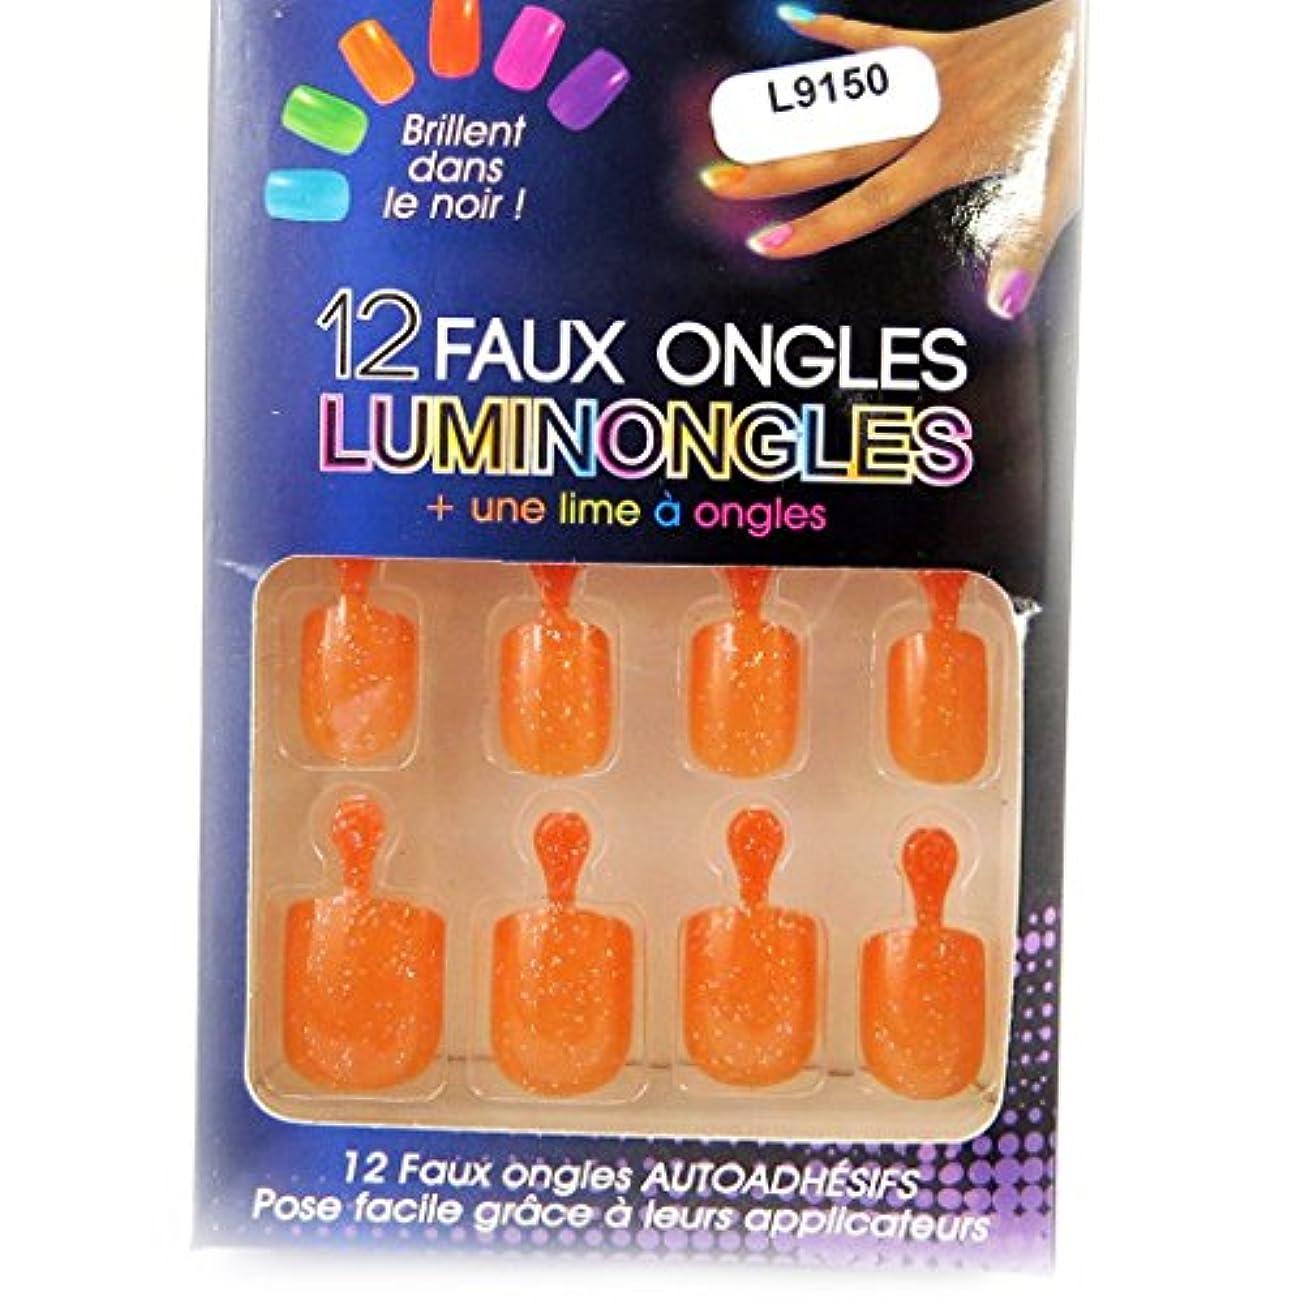 キャベツ口彼自身[リリーの宝 (Les Tresors De Lily)] (Luminongles コレクション) [L9150] アクリルスカルプチュア オレンジ